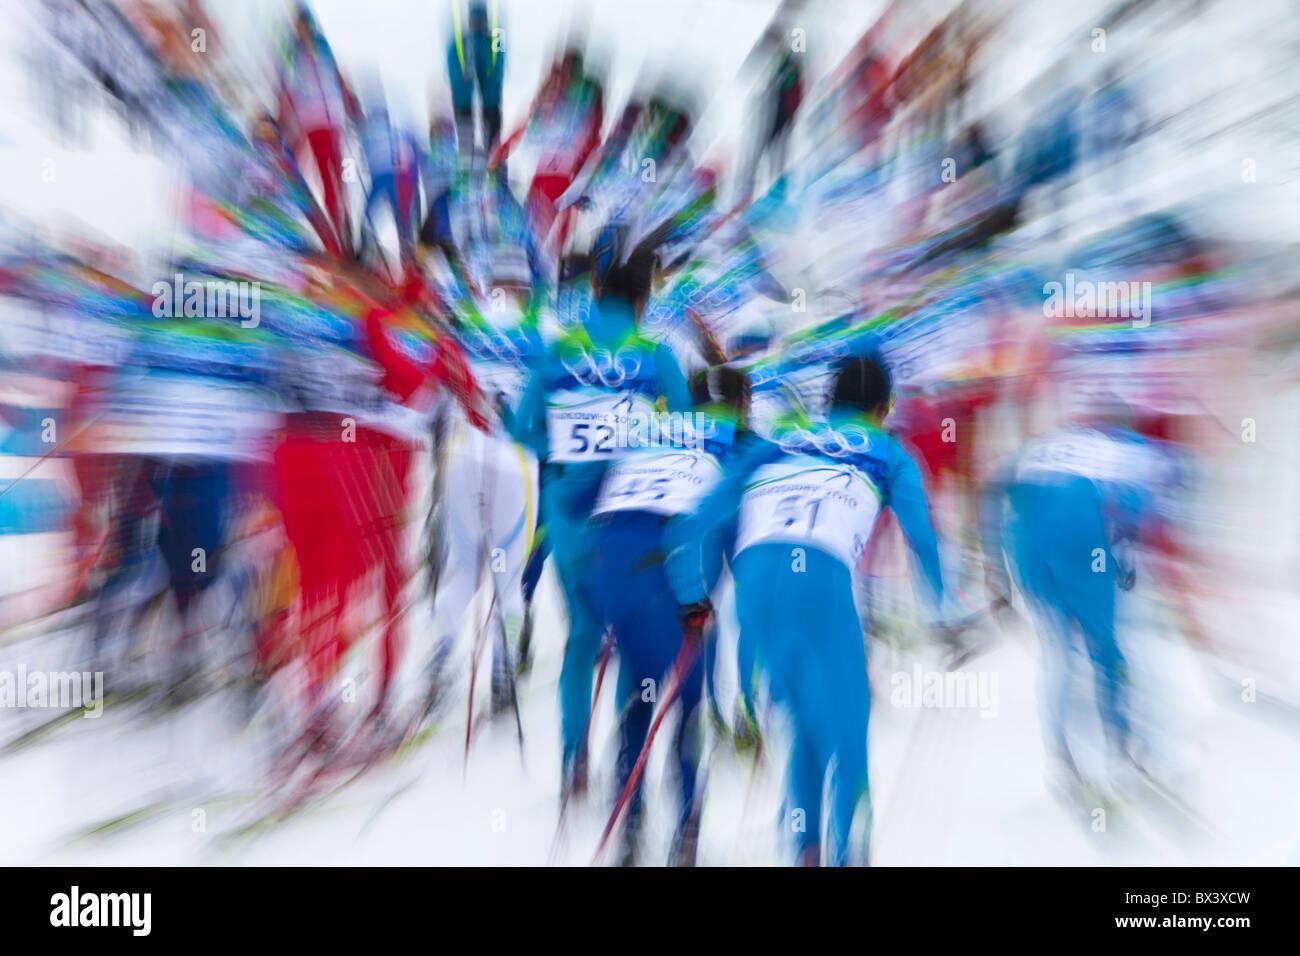 Juegos Olimpicos De Invierno De Vancouver 2010 2010 Juegos